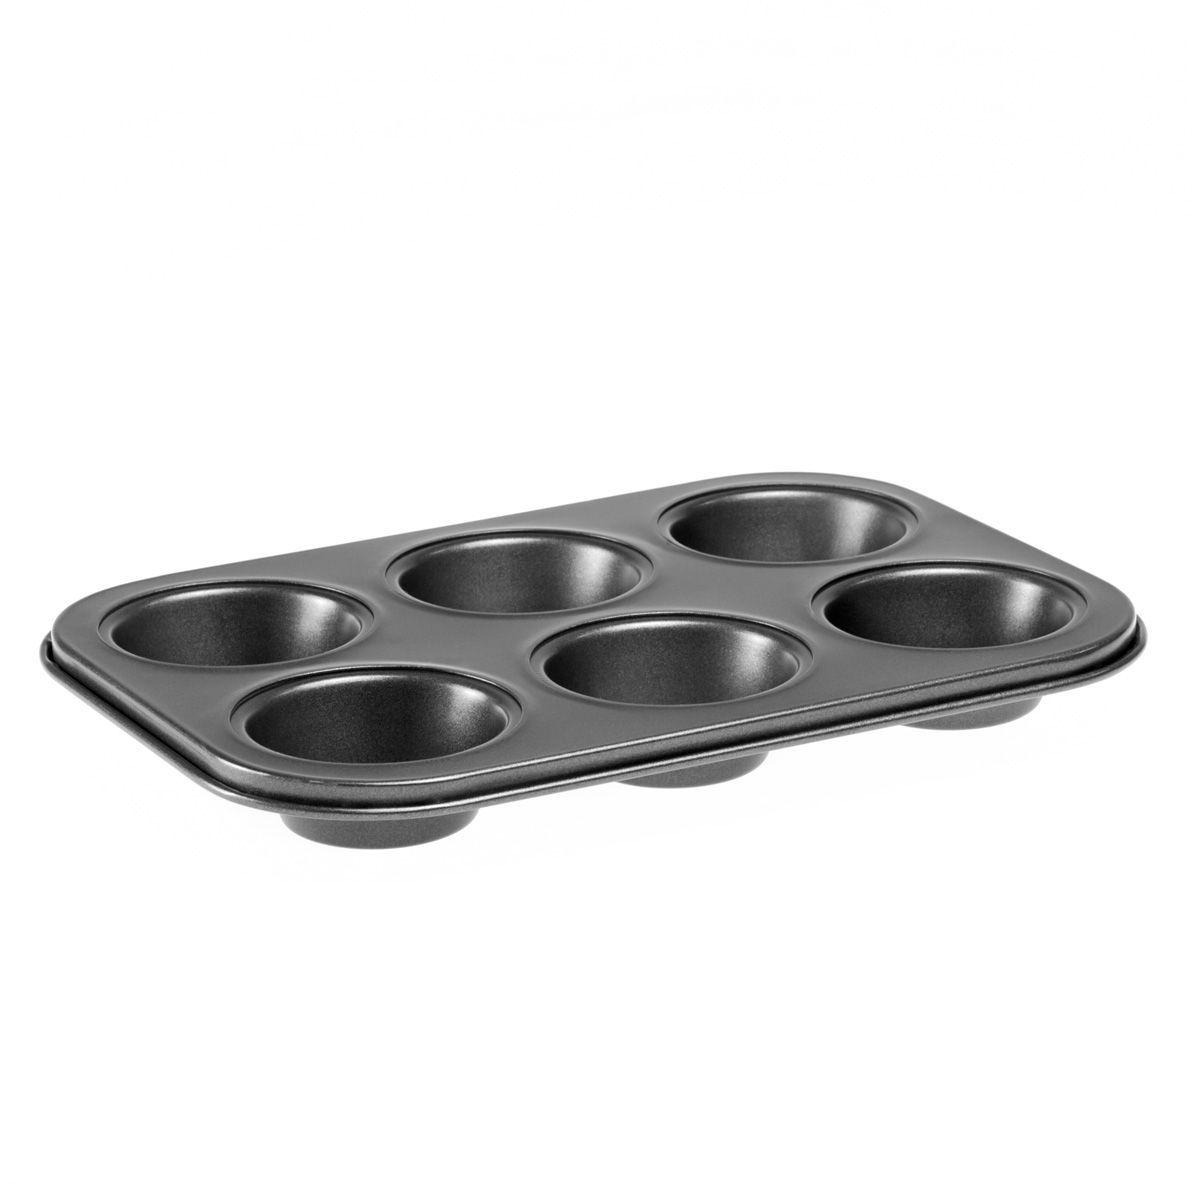 """Форма для кексов и маффинов """"MOULINvilla"""", состоящая из 6 ячеек, выполнена из утолщенной углеродистой стали, обладающей большой износостойкостью и надежностью.Технология антипригарного покрытия """"Goldflon"""" способствует оптимальному распределению тепла. Форму легко чистить и мыть. Можно мыть в посудомоечной машине."""